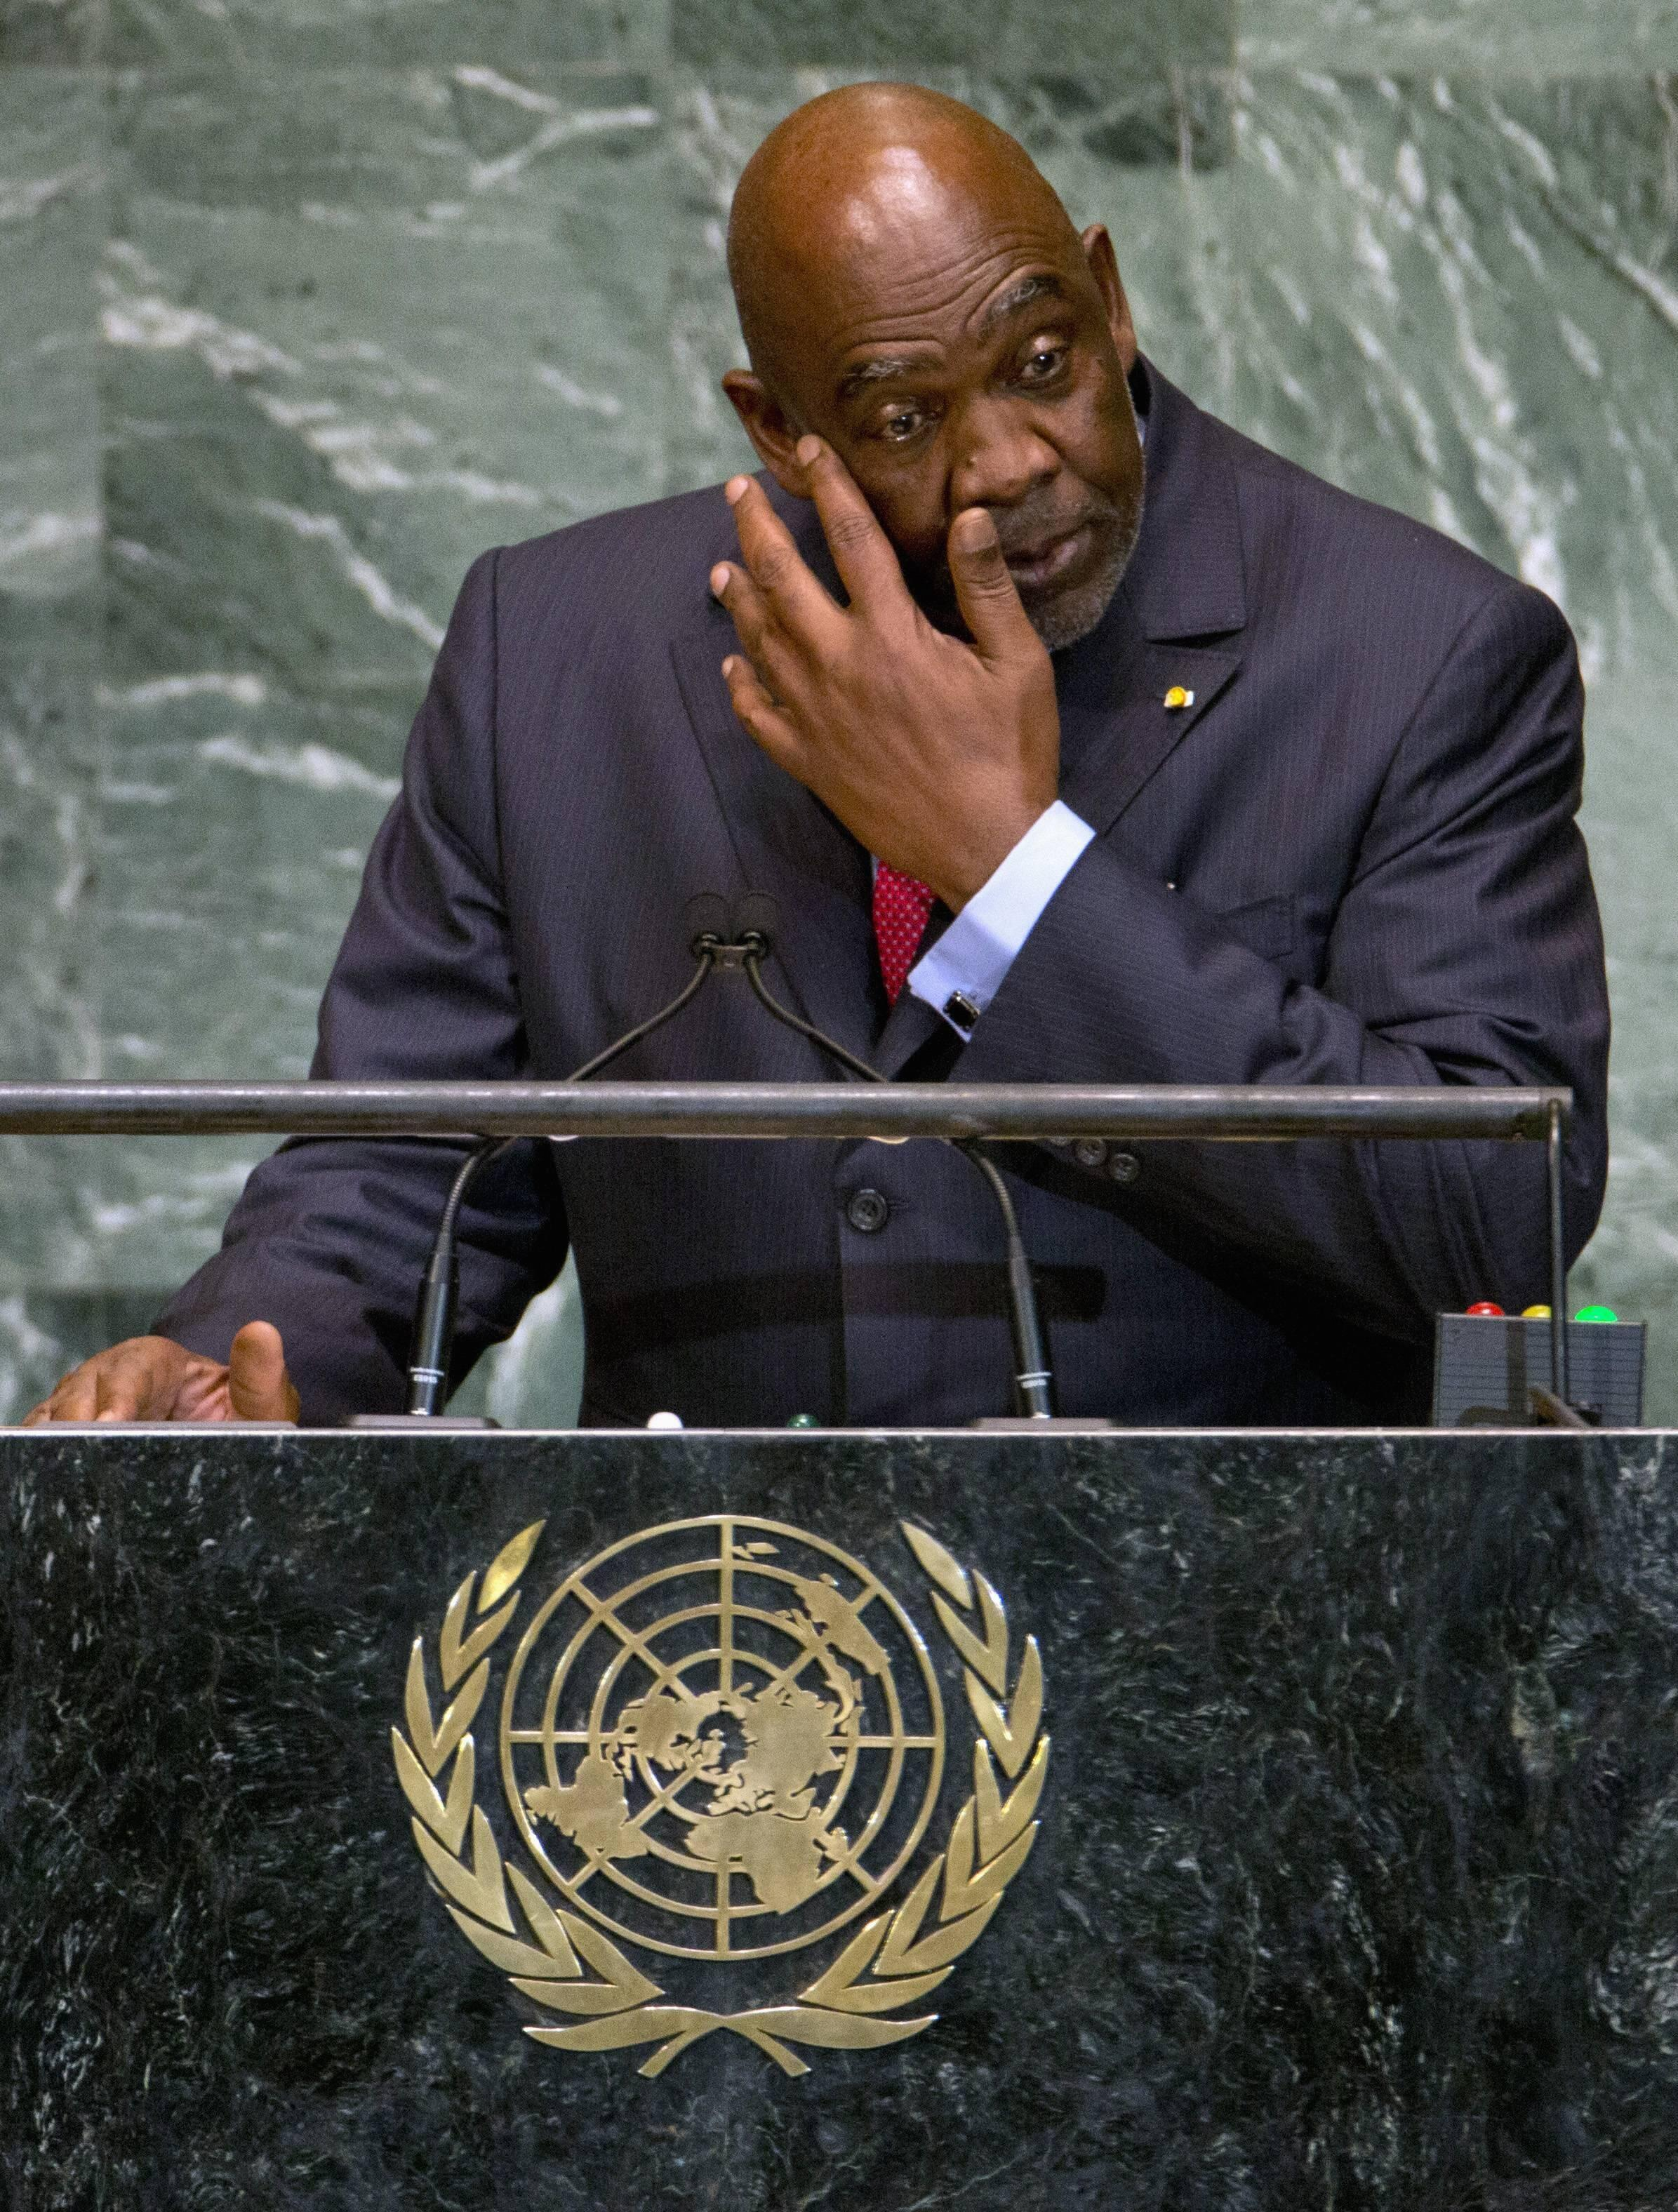 Le Premier ministre malien Cheick Modibo Diarra a eu du mal à contenir ses larmes à la tribune de l'ONU, le 26 septembre 2012.